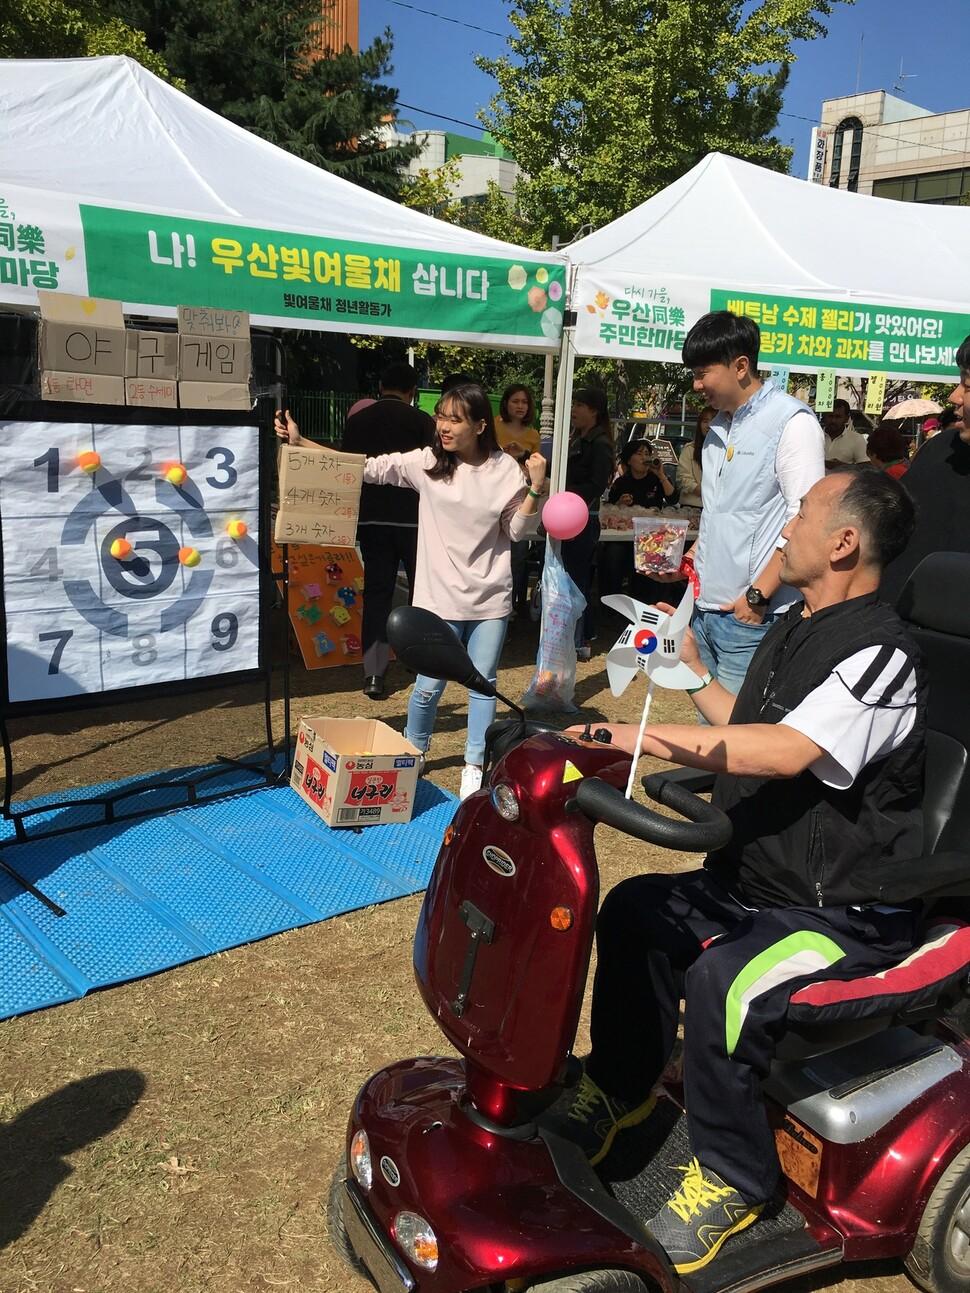 지난해 10월 열린 광주광역시 광산구 우산동 마을축제 '다시 가을, 우산동락 주민한마당' 행사장에서 우산동 빛여울채 아파트에 입주한 청년 활동가들이 체험 부스를 운영하고 있다. '광주 지역문제 해결 플랫폼' 제공